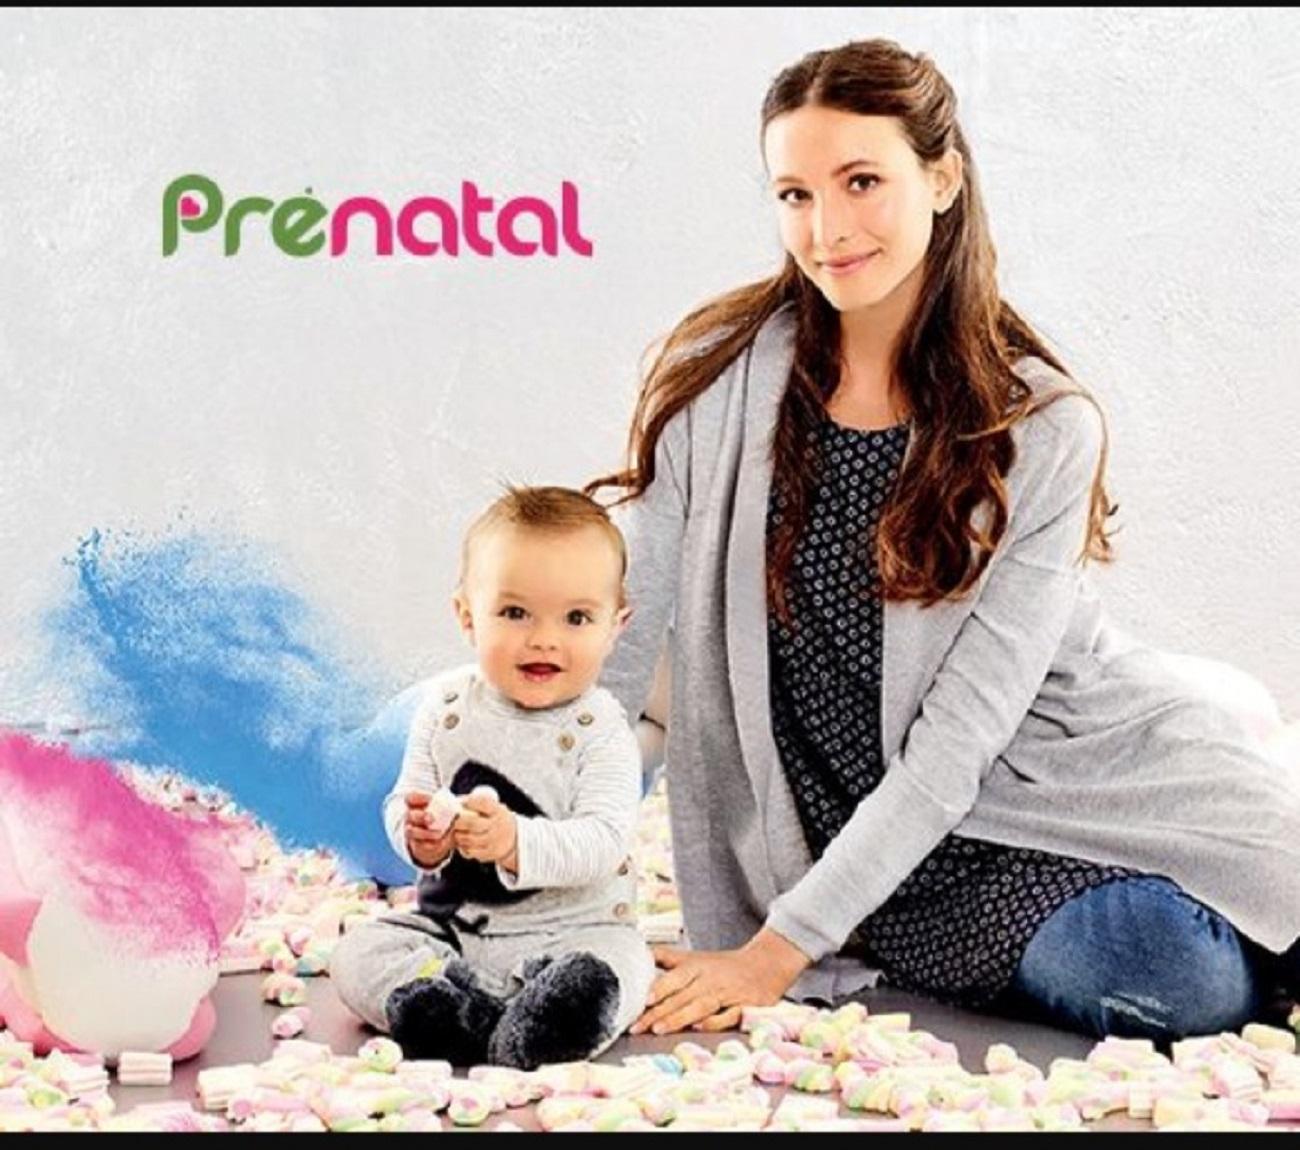 587353756cf39 ... является лидером, объединяющим под одной крышей разнообразную одежду и  другие необходимые аксессуары, предназначенные для будущих мам и их малышей.